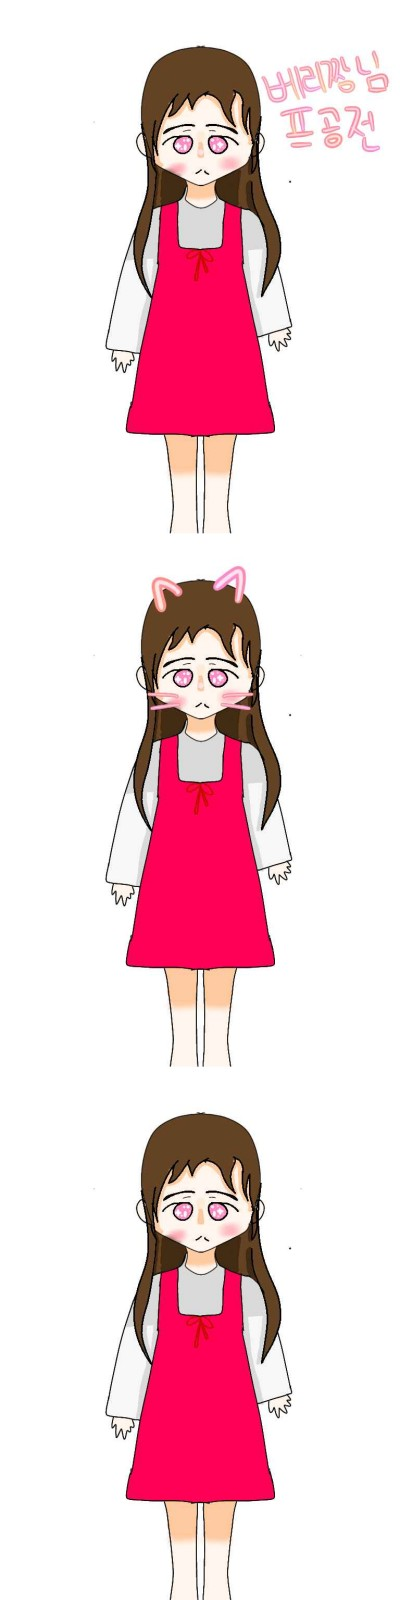 베리짱님 프공젼 | MOJJI_0607 | Digital Drawing | PENUP